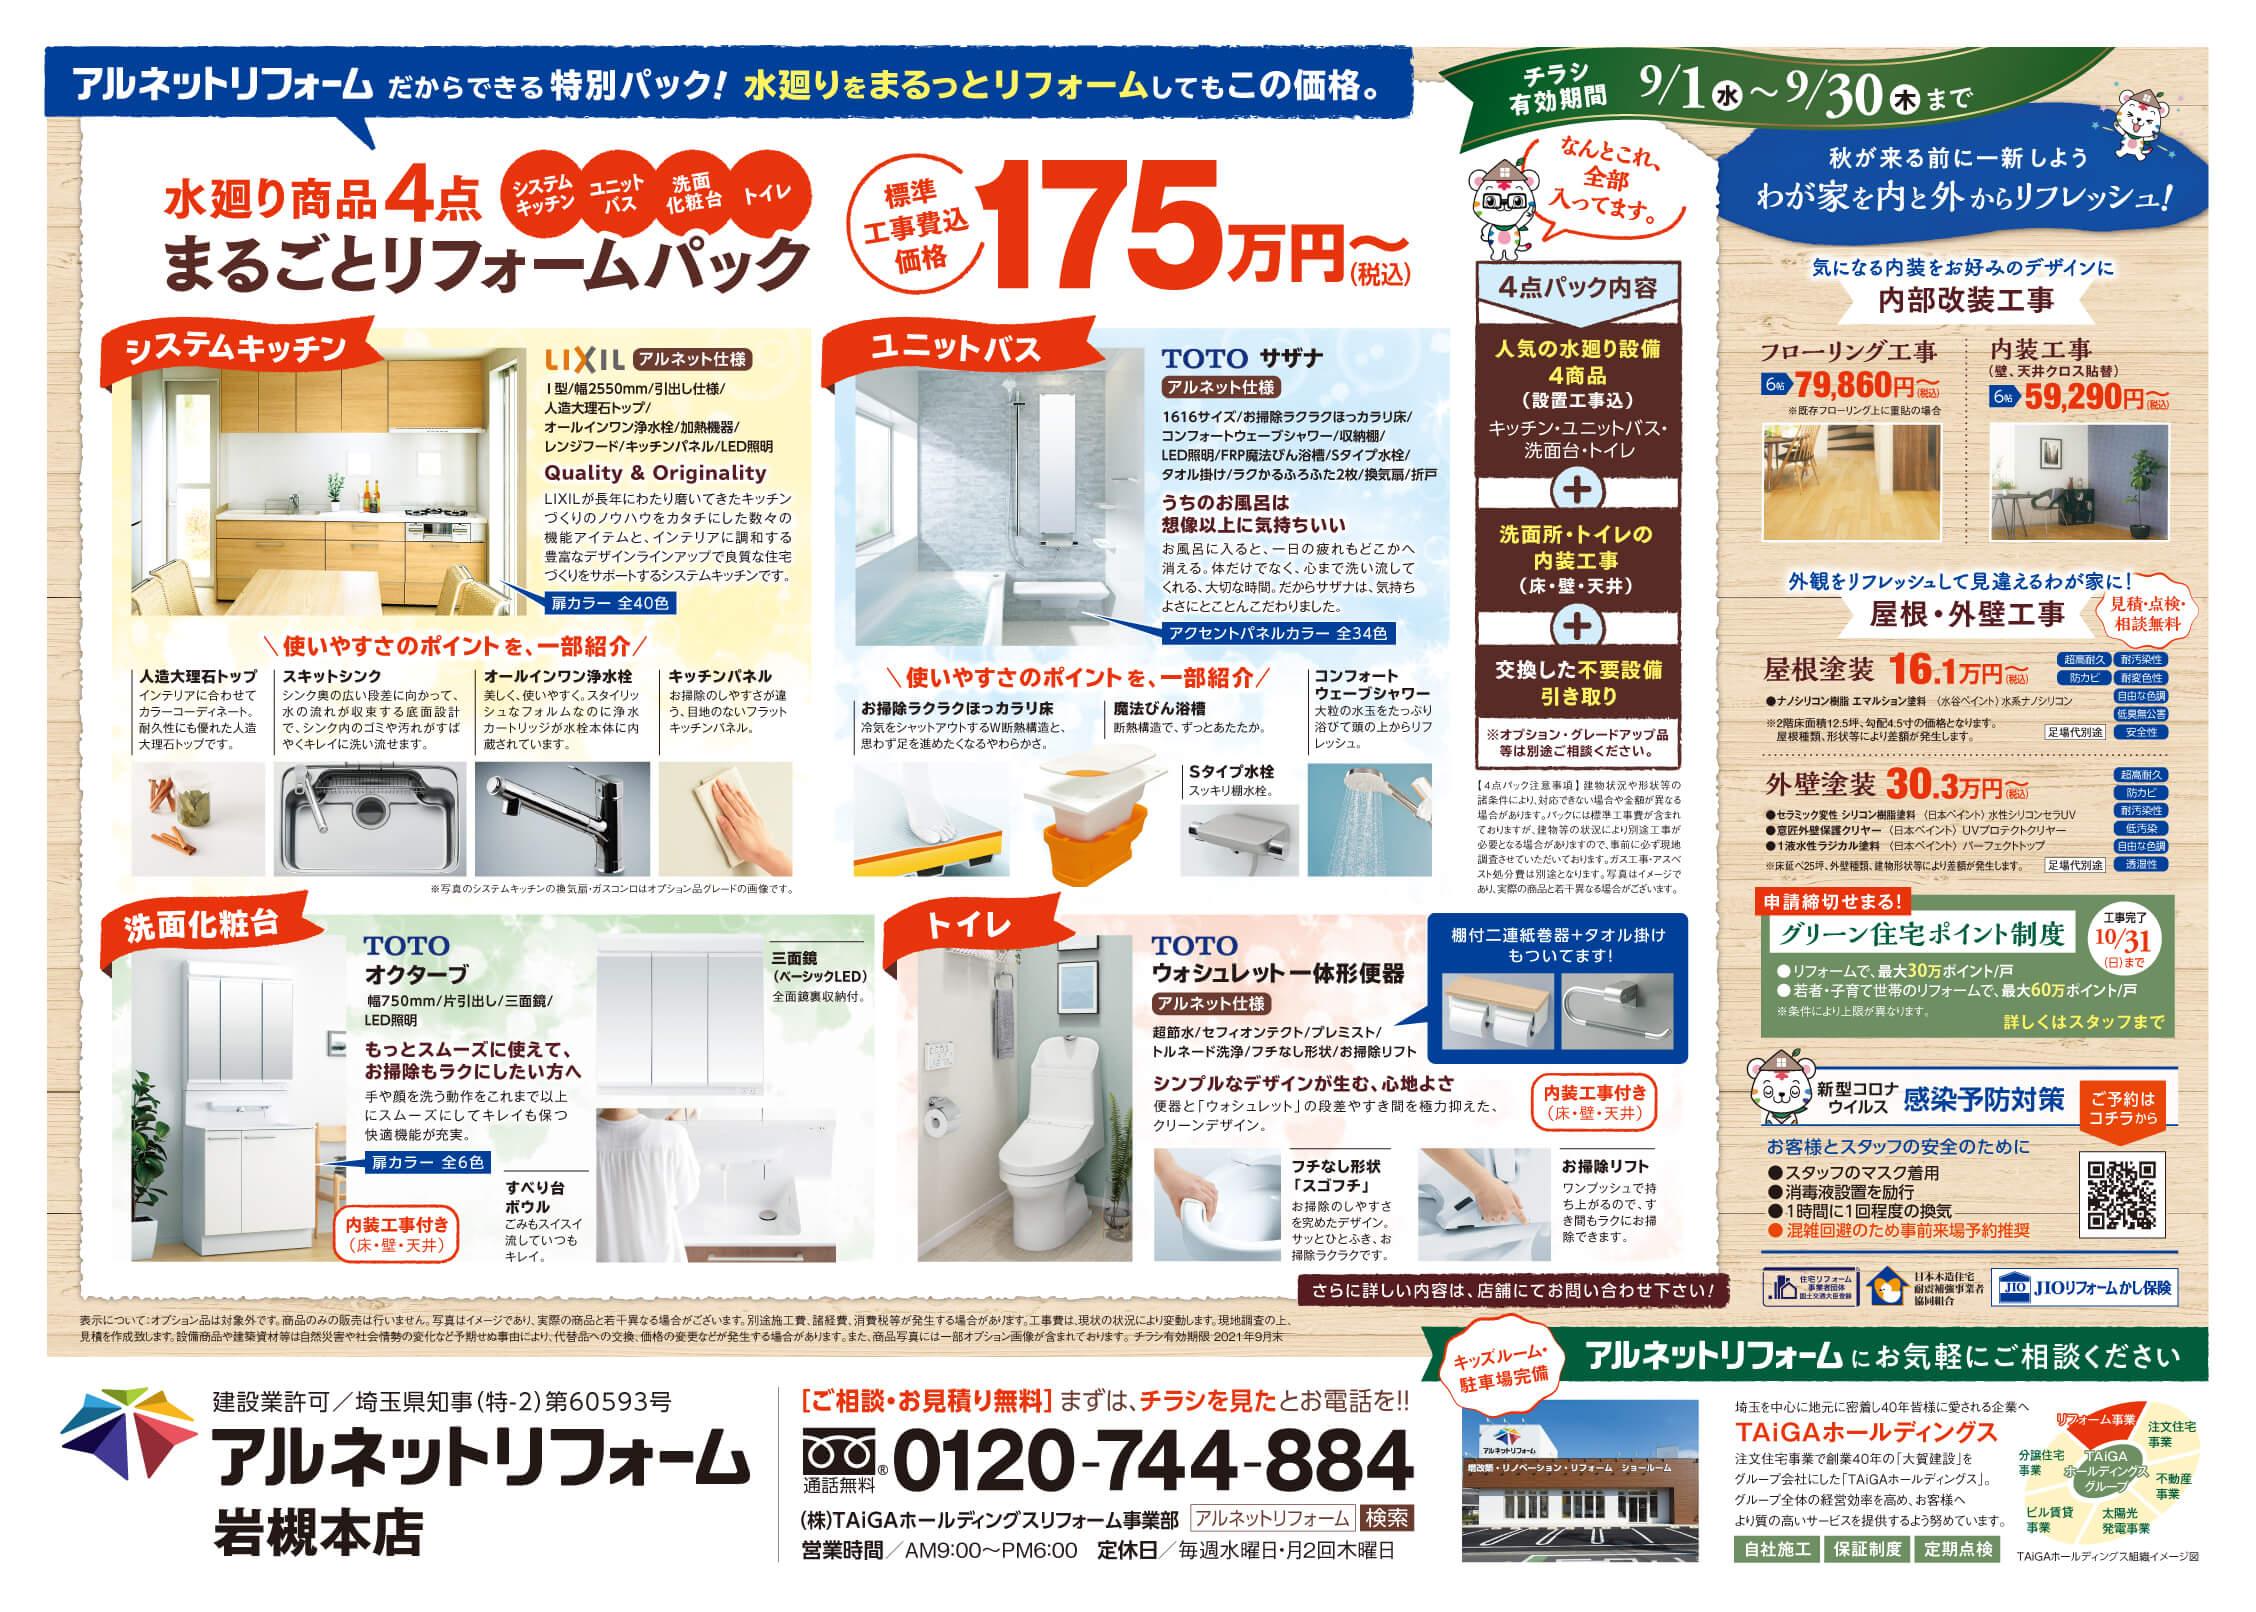 9月イベント!!岩槻・越谷同時開催!!